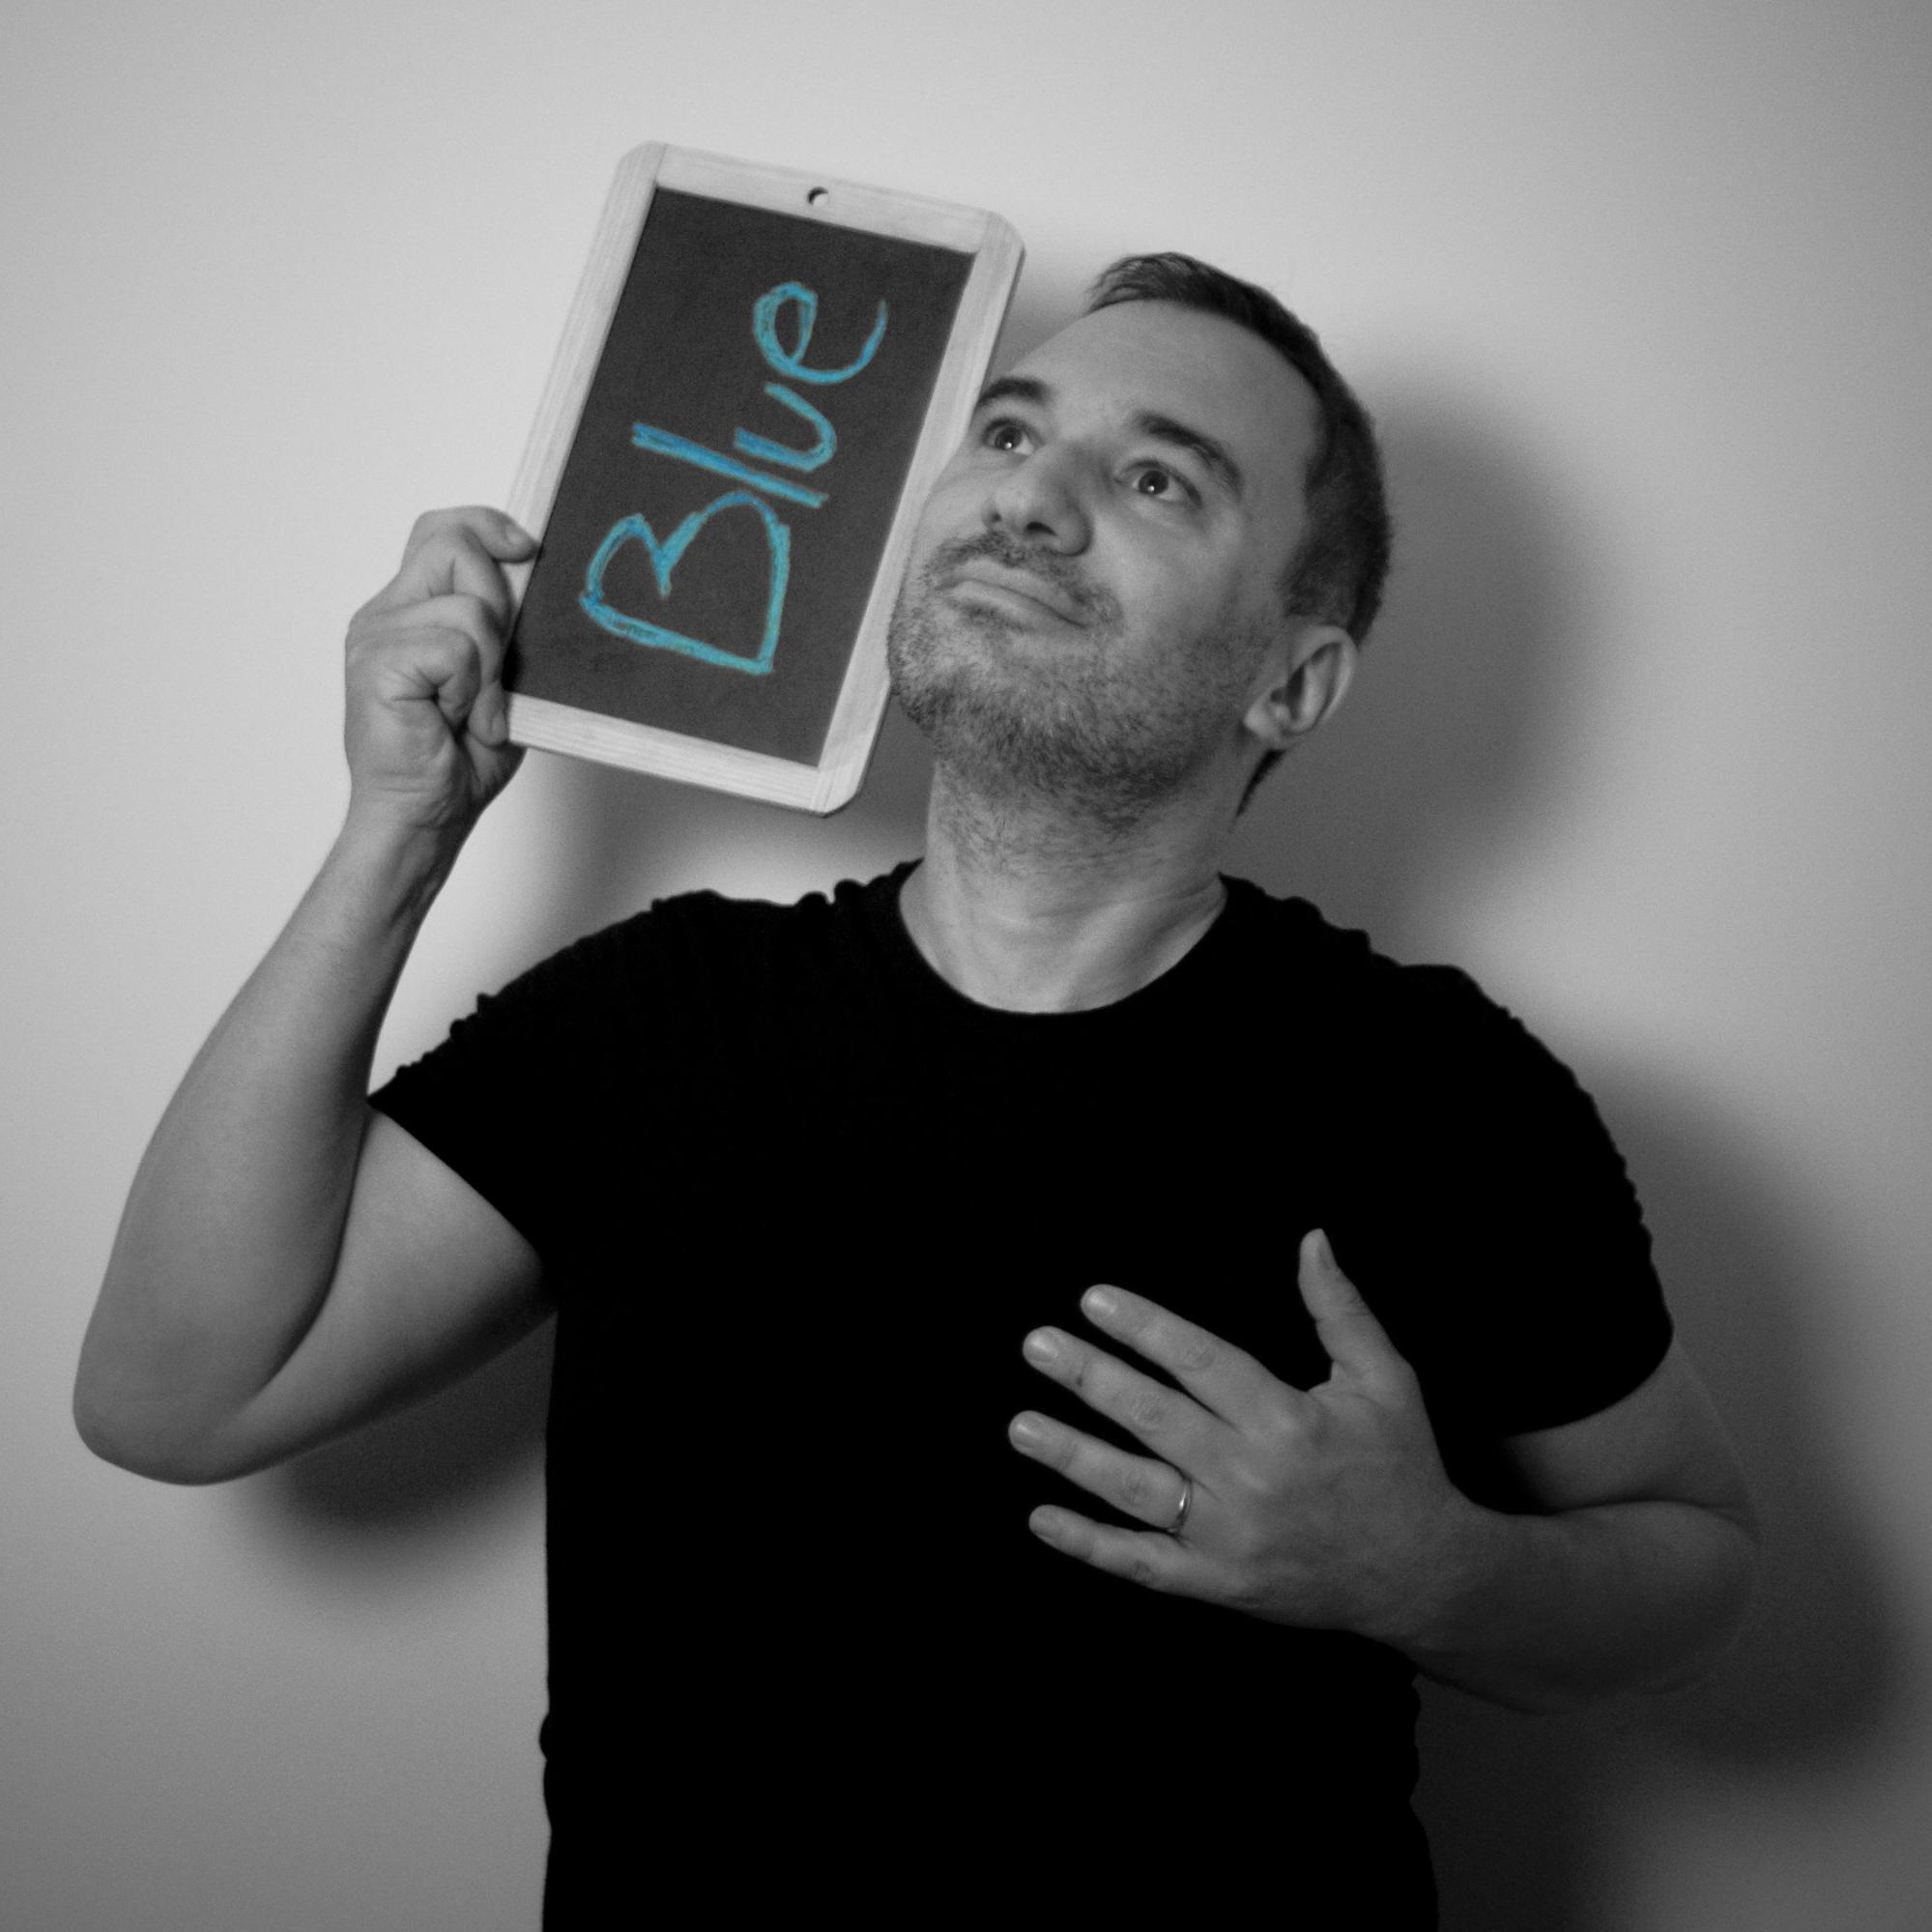 Blue Belhomme - Metteur en scène / Comédien15 ans en tant que formateur pédagogue, Metteur en scène, intervient devant tout type de public (entreprises, écoles, particuliers) sur les thématiques de prise de parole.Tombé très jeune dans le théâtre par le fruit du hasard, la scène devient inopinément une vocation. En parallèle d'un cursus universitaire centré sur les mathématiques (qui m'ont toujours intrigué), je succombe au jeu de l'acteur en rejoignant l'école internationale de théâtre de Paris puis le Conservatoire. Dès lors, les expériences dans le milieu de la scène se succèdent... en tant que comédien, puis en tant que metteur en scène et auteur également, fonctions pour lesquelles je décroche avec 2 créations (